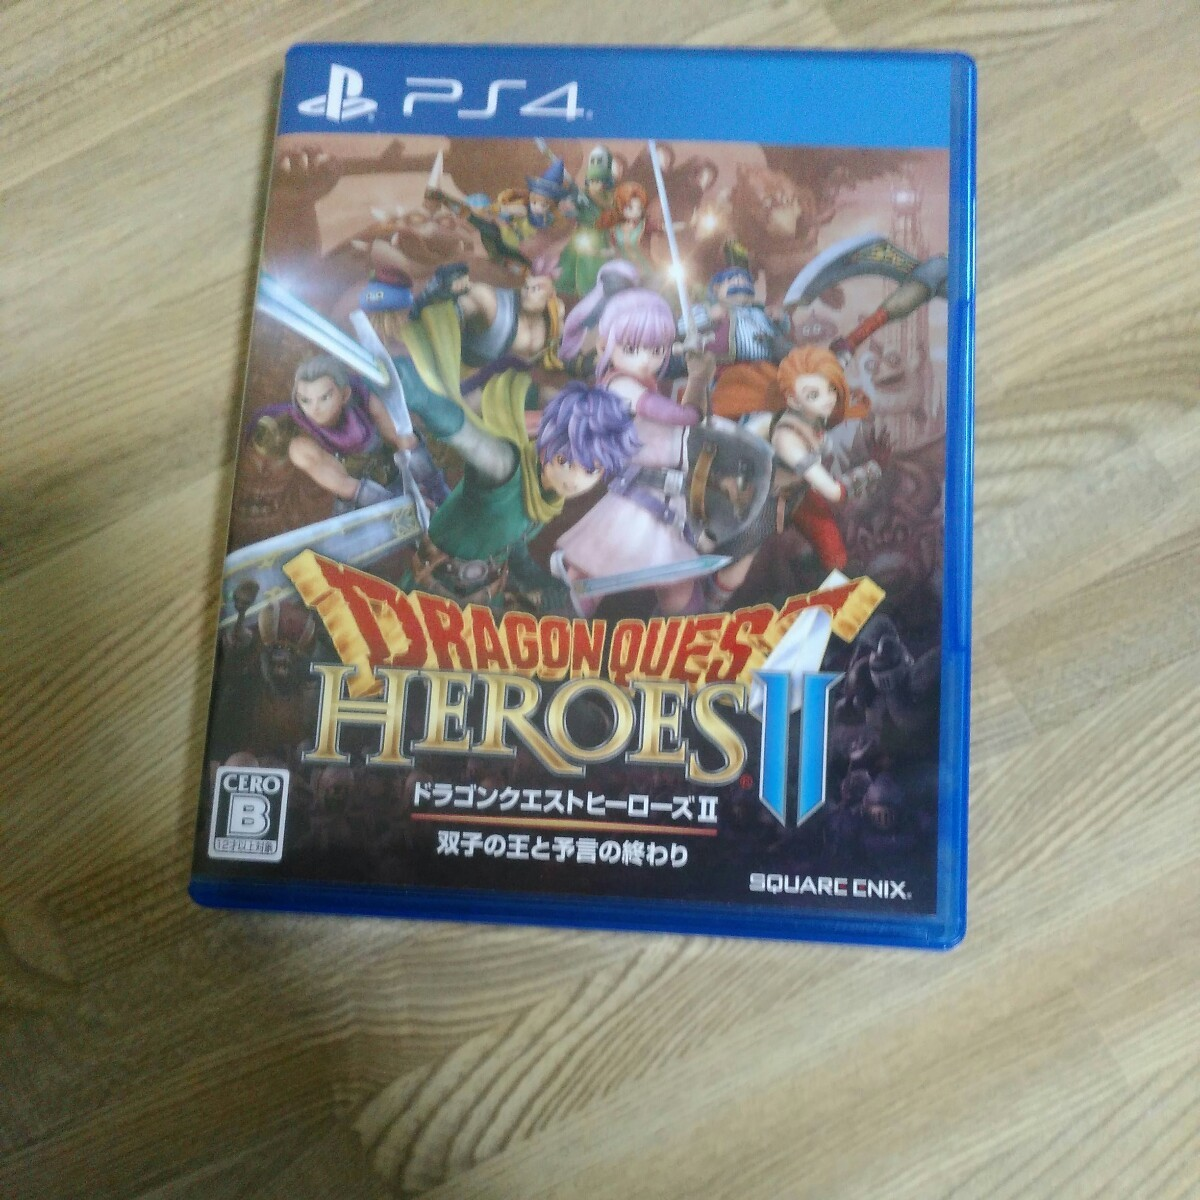 ドラゴンクエストヒーローズ2 双子の王と予言の終わり PS4